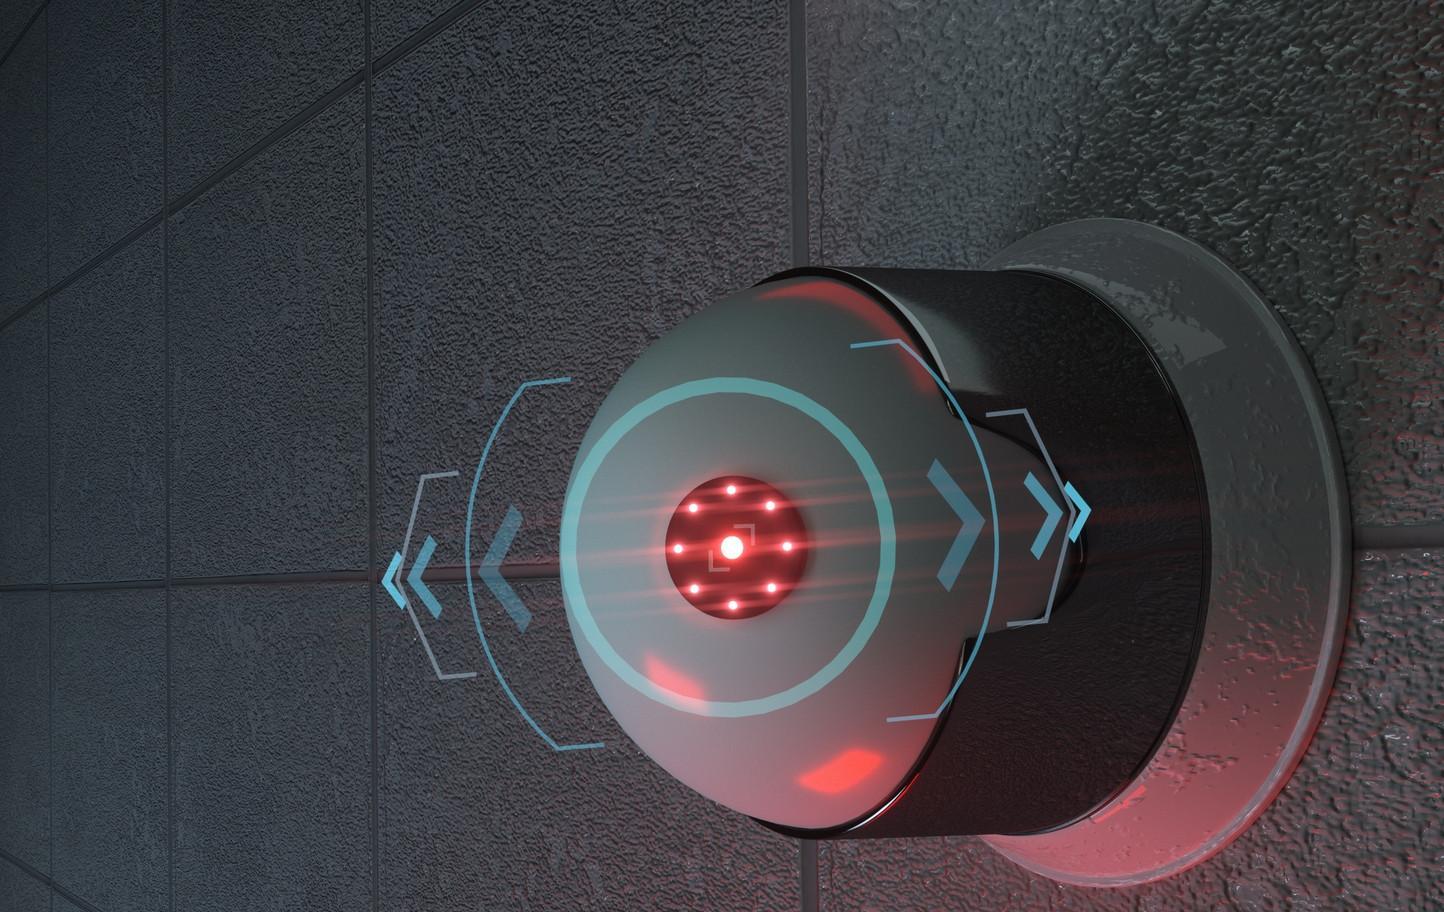 廣和通4G/5G智能模組加速AI智能安防應用落地